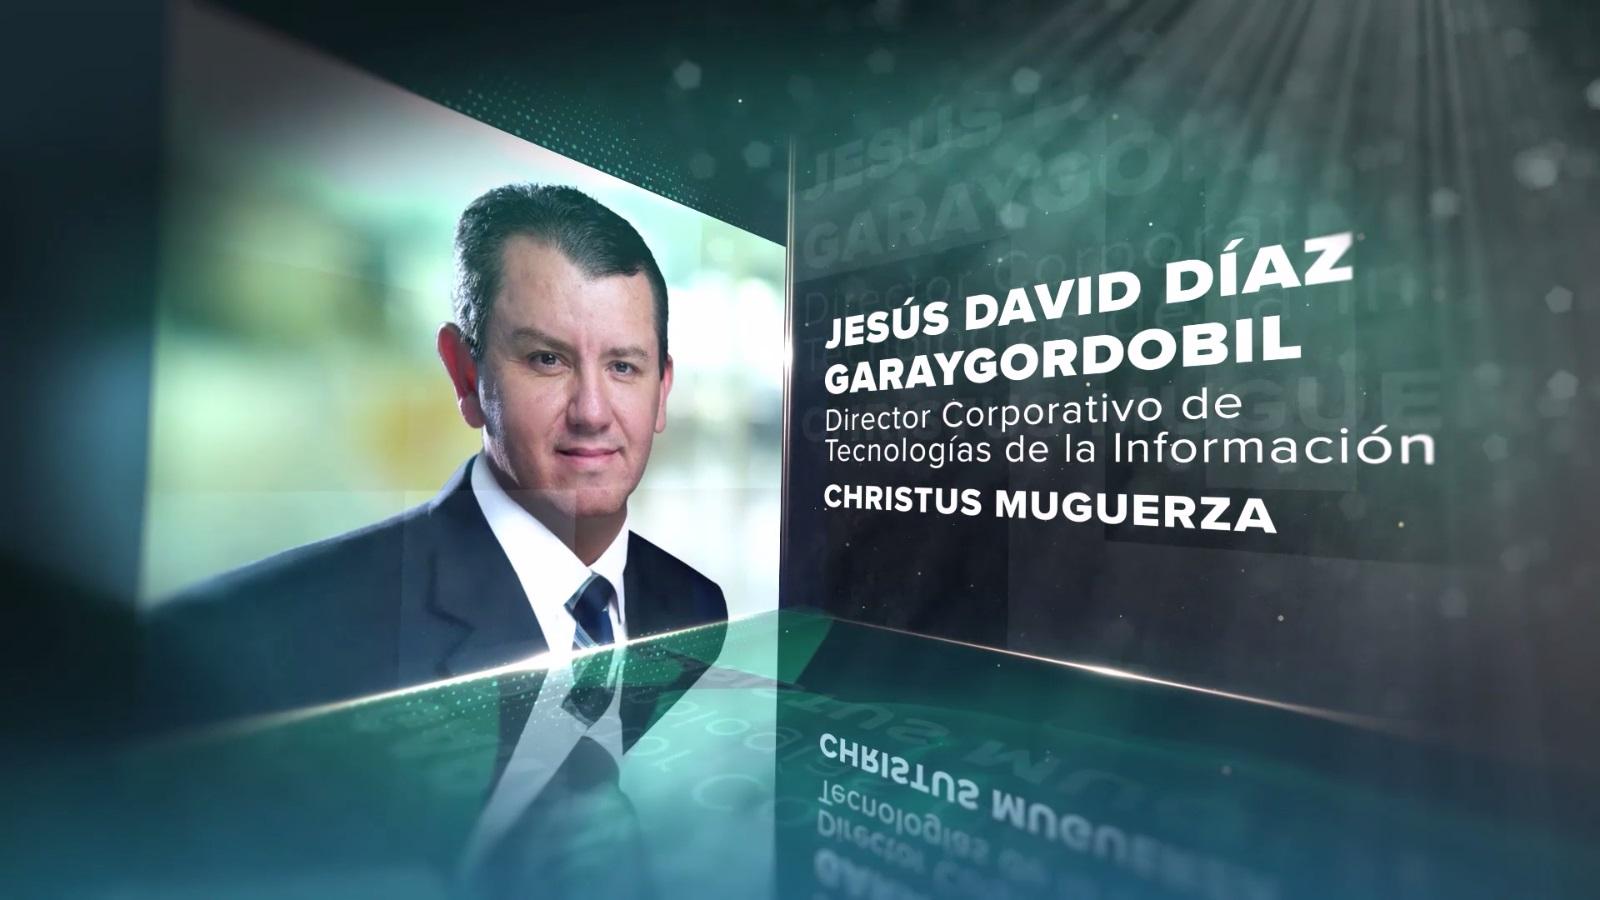 EVENTO 4.2 - Disciplina en la Transformación Disruptiva ¿es posible? - JESÚS DAVID DÍAZ GARAYGORDOBIL - CHRISTUS MUGUERZA